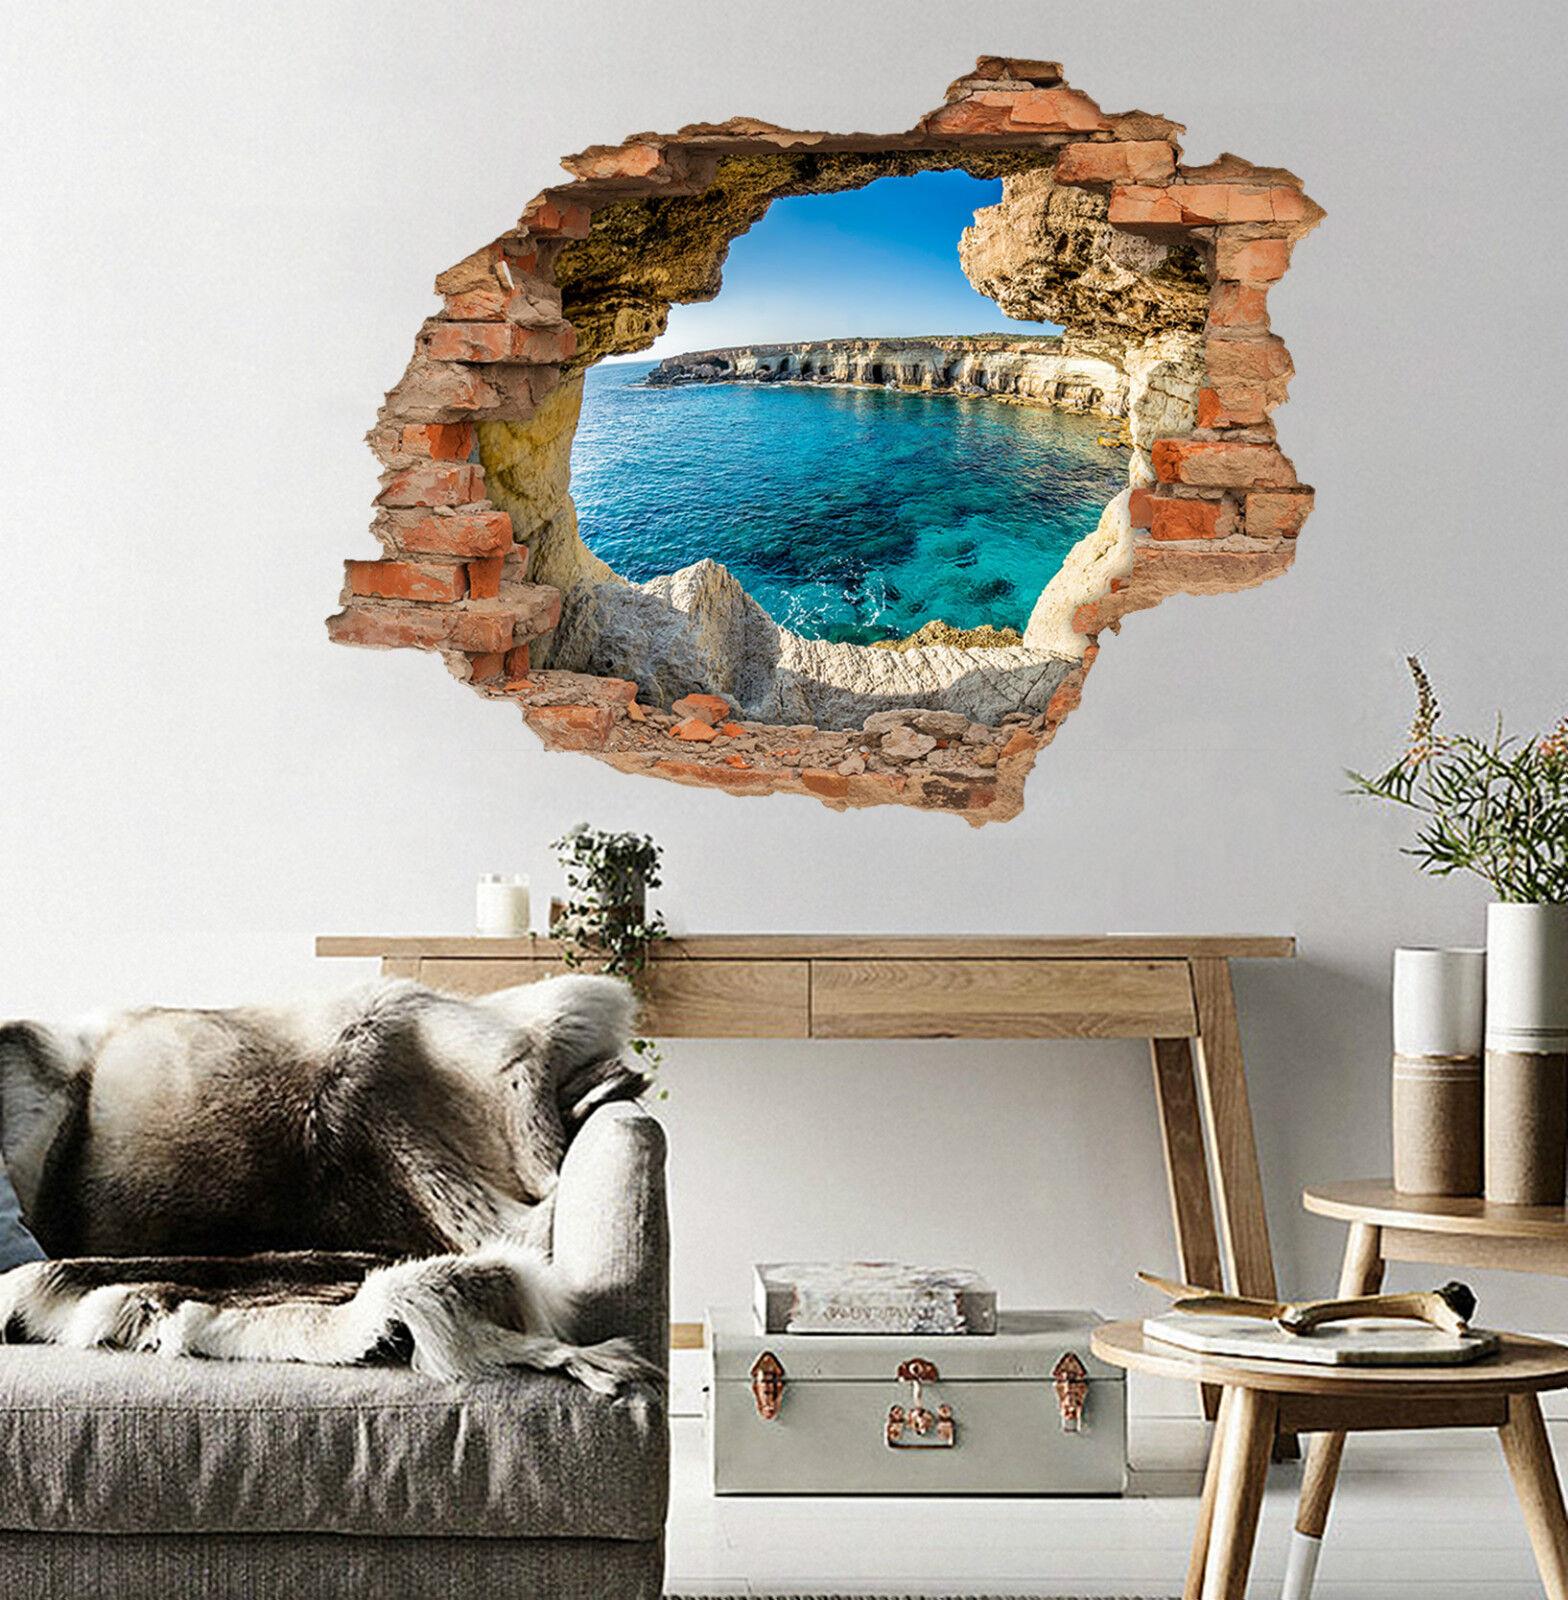 3D Sky Wasser 5523  Mauer Murals Aufklebe Decal Durchbruch AJ WALLPAPER DE Lemon